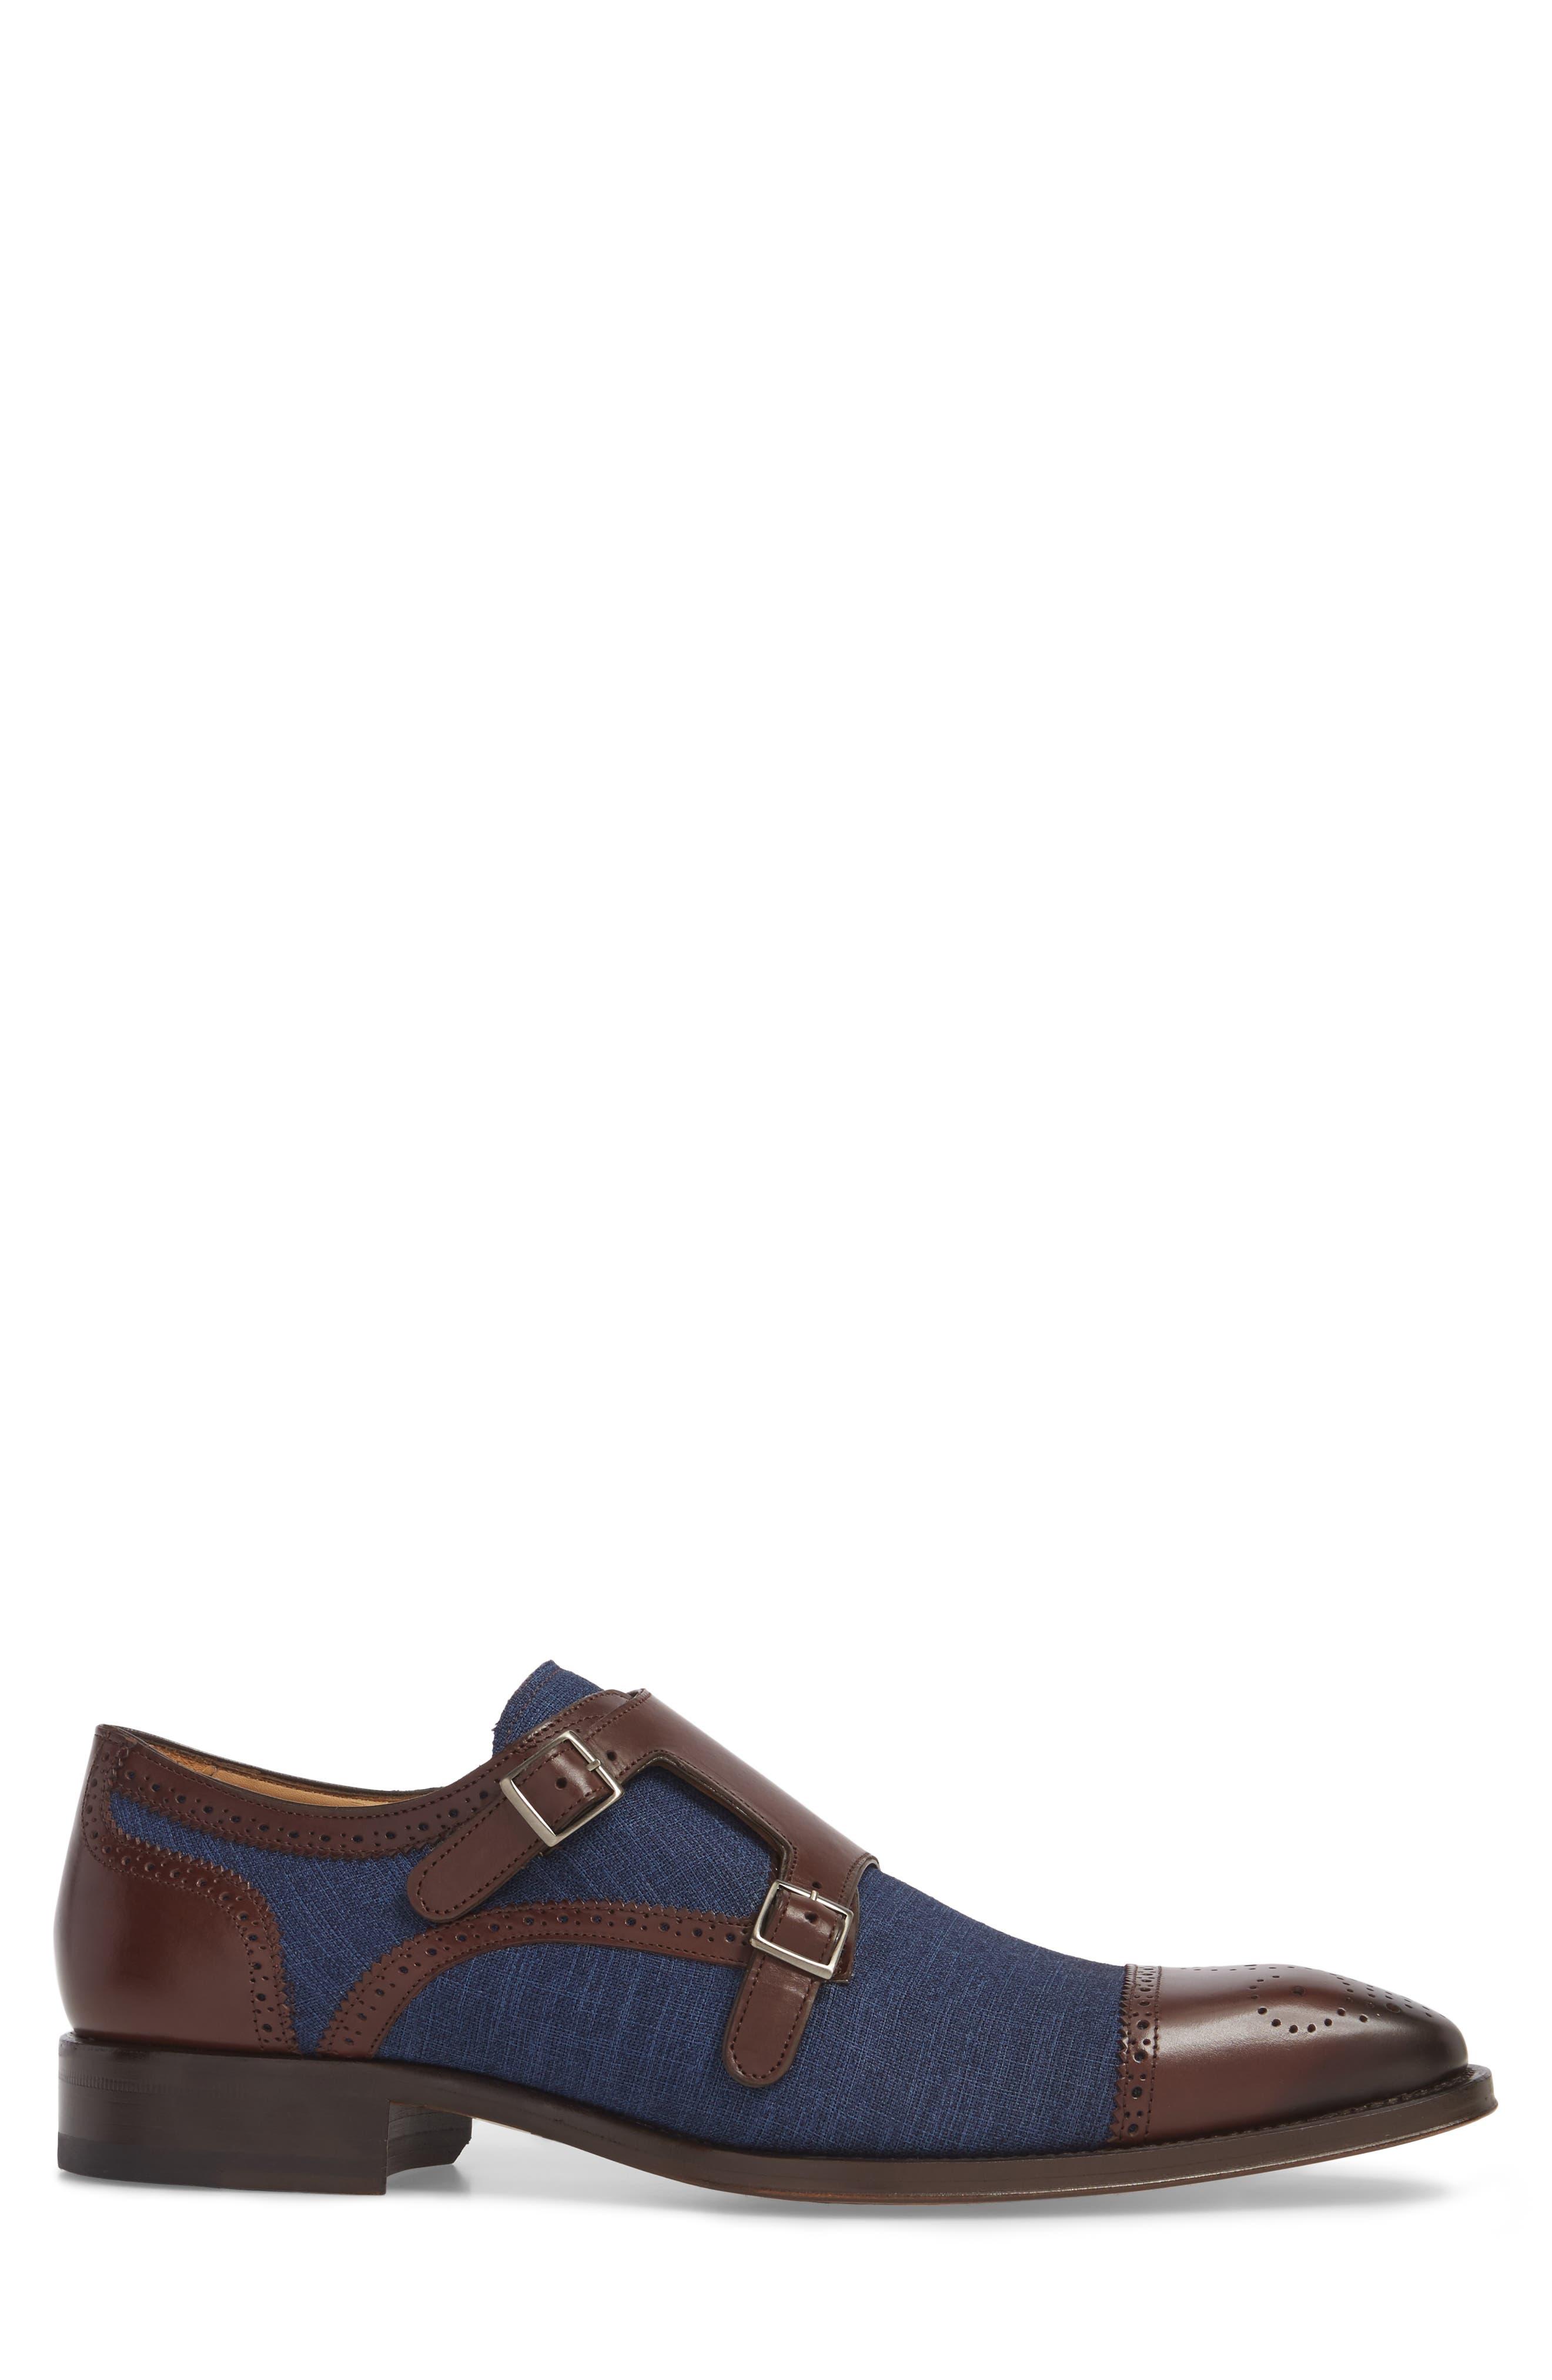 Cupido Double Monk Strap Cap Toe Shoe,                             Alternate thumbnail 3, color,                             BROWN/ BLUE LEATHER